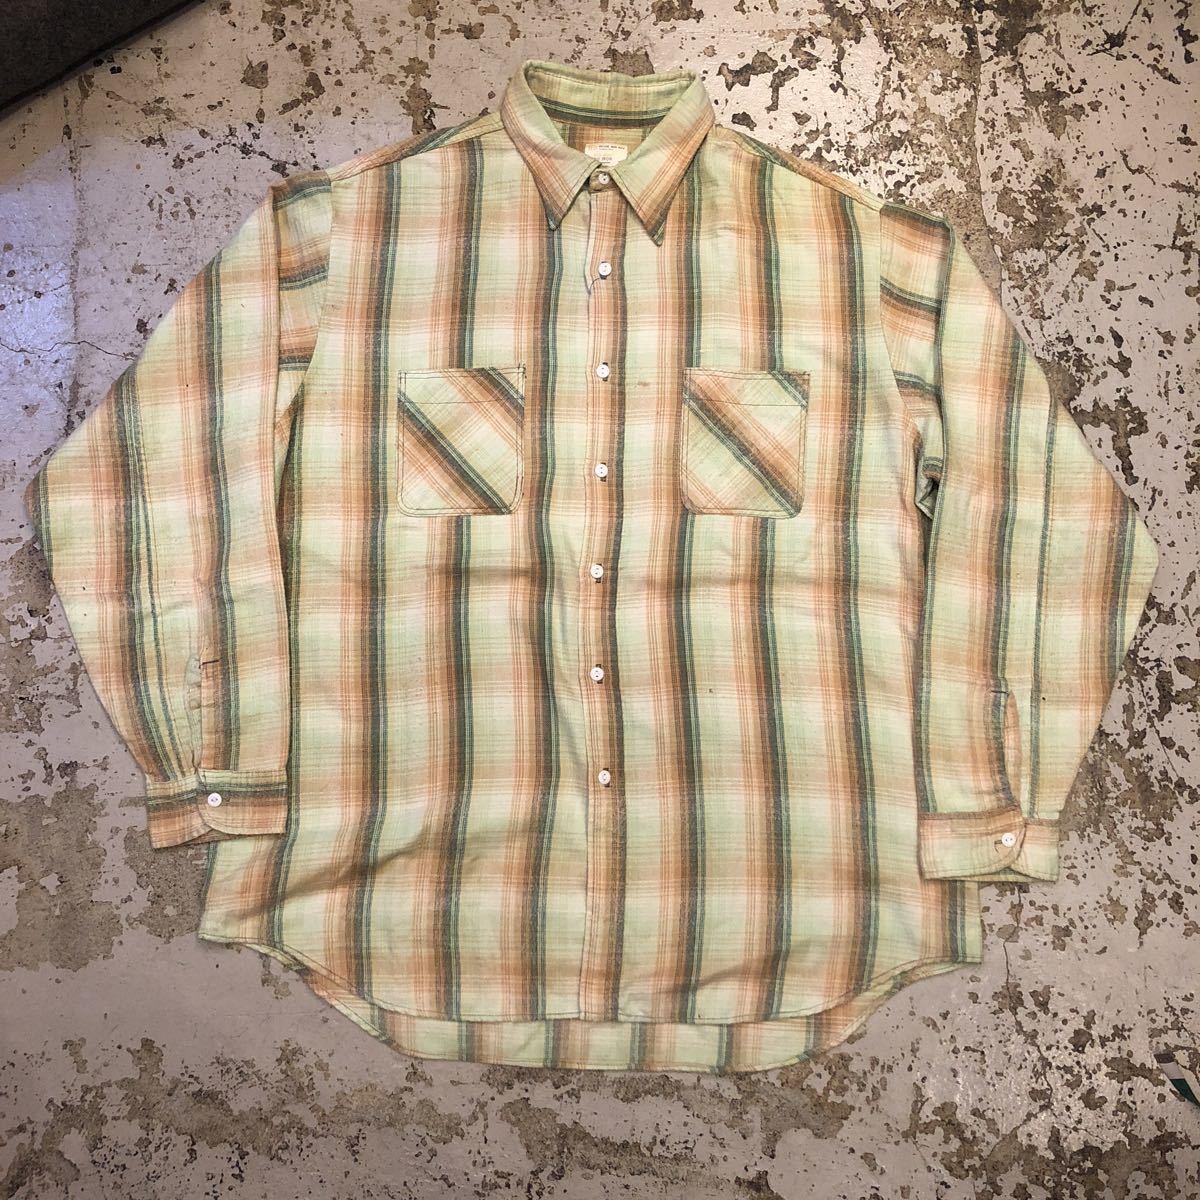 70s BIGMAC ビッグマック ネルシャツ レアカラー ビッグサイズ ビンテージ ut438_画像1